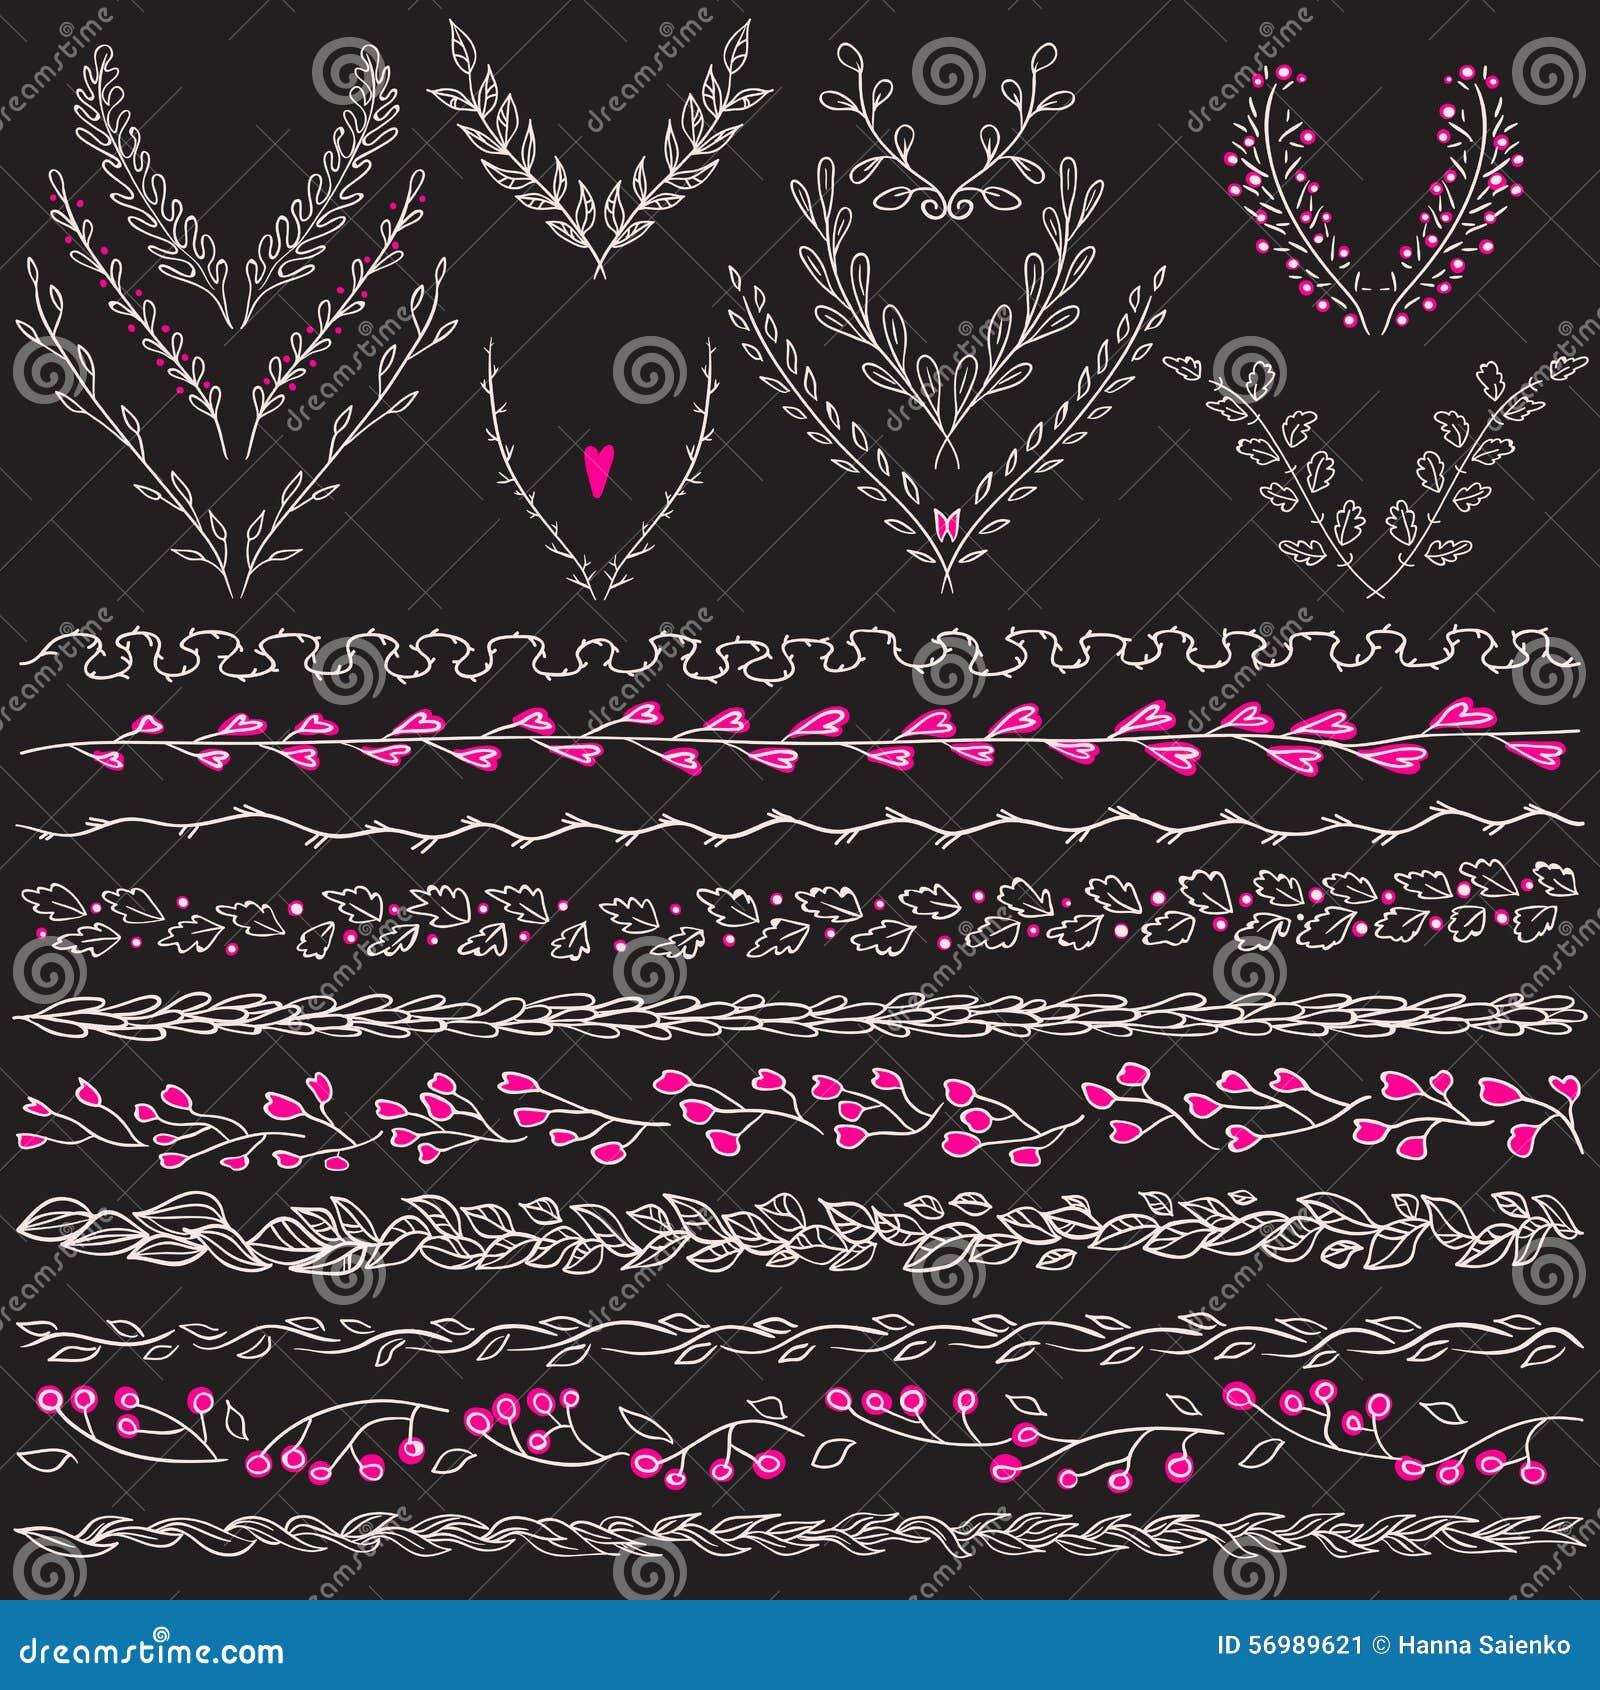 Download Chalkboard Set Of Hand Drawn Floral Graphic Design Elements Frame,  Divider And Lines Border